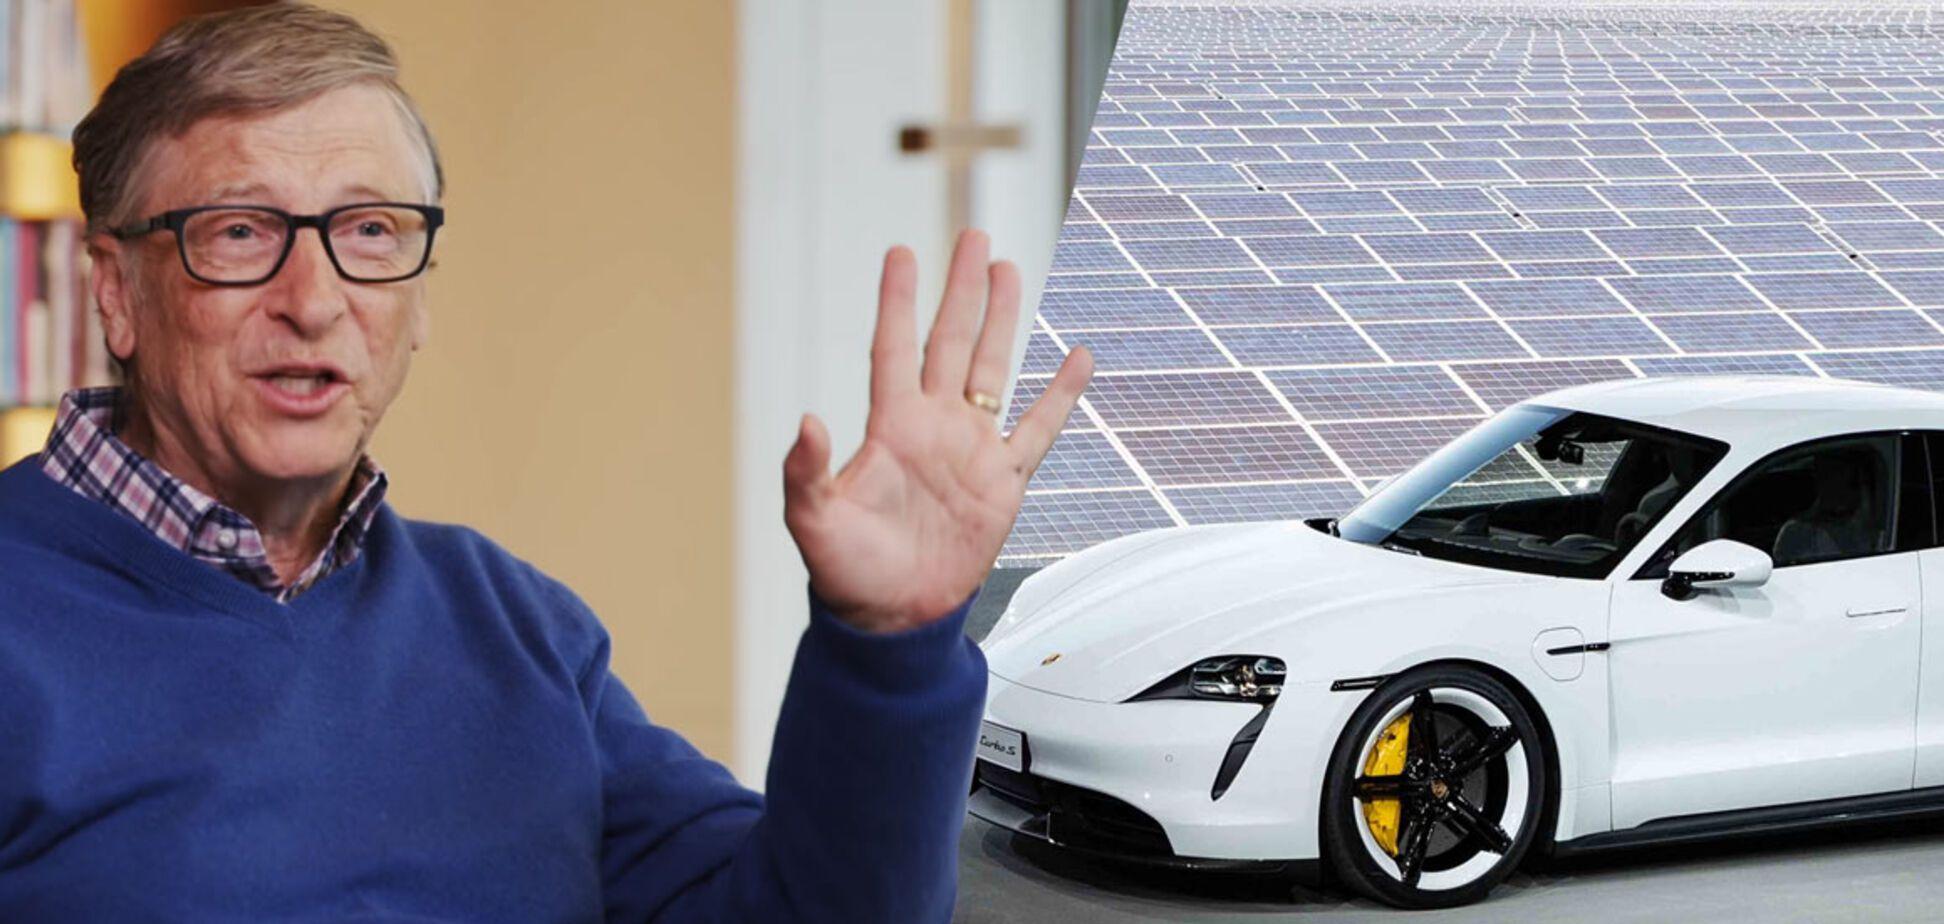 Почему Билл Гейтс выбрал электрокар Porsche вместо Tesla: раскрыта загадка